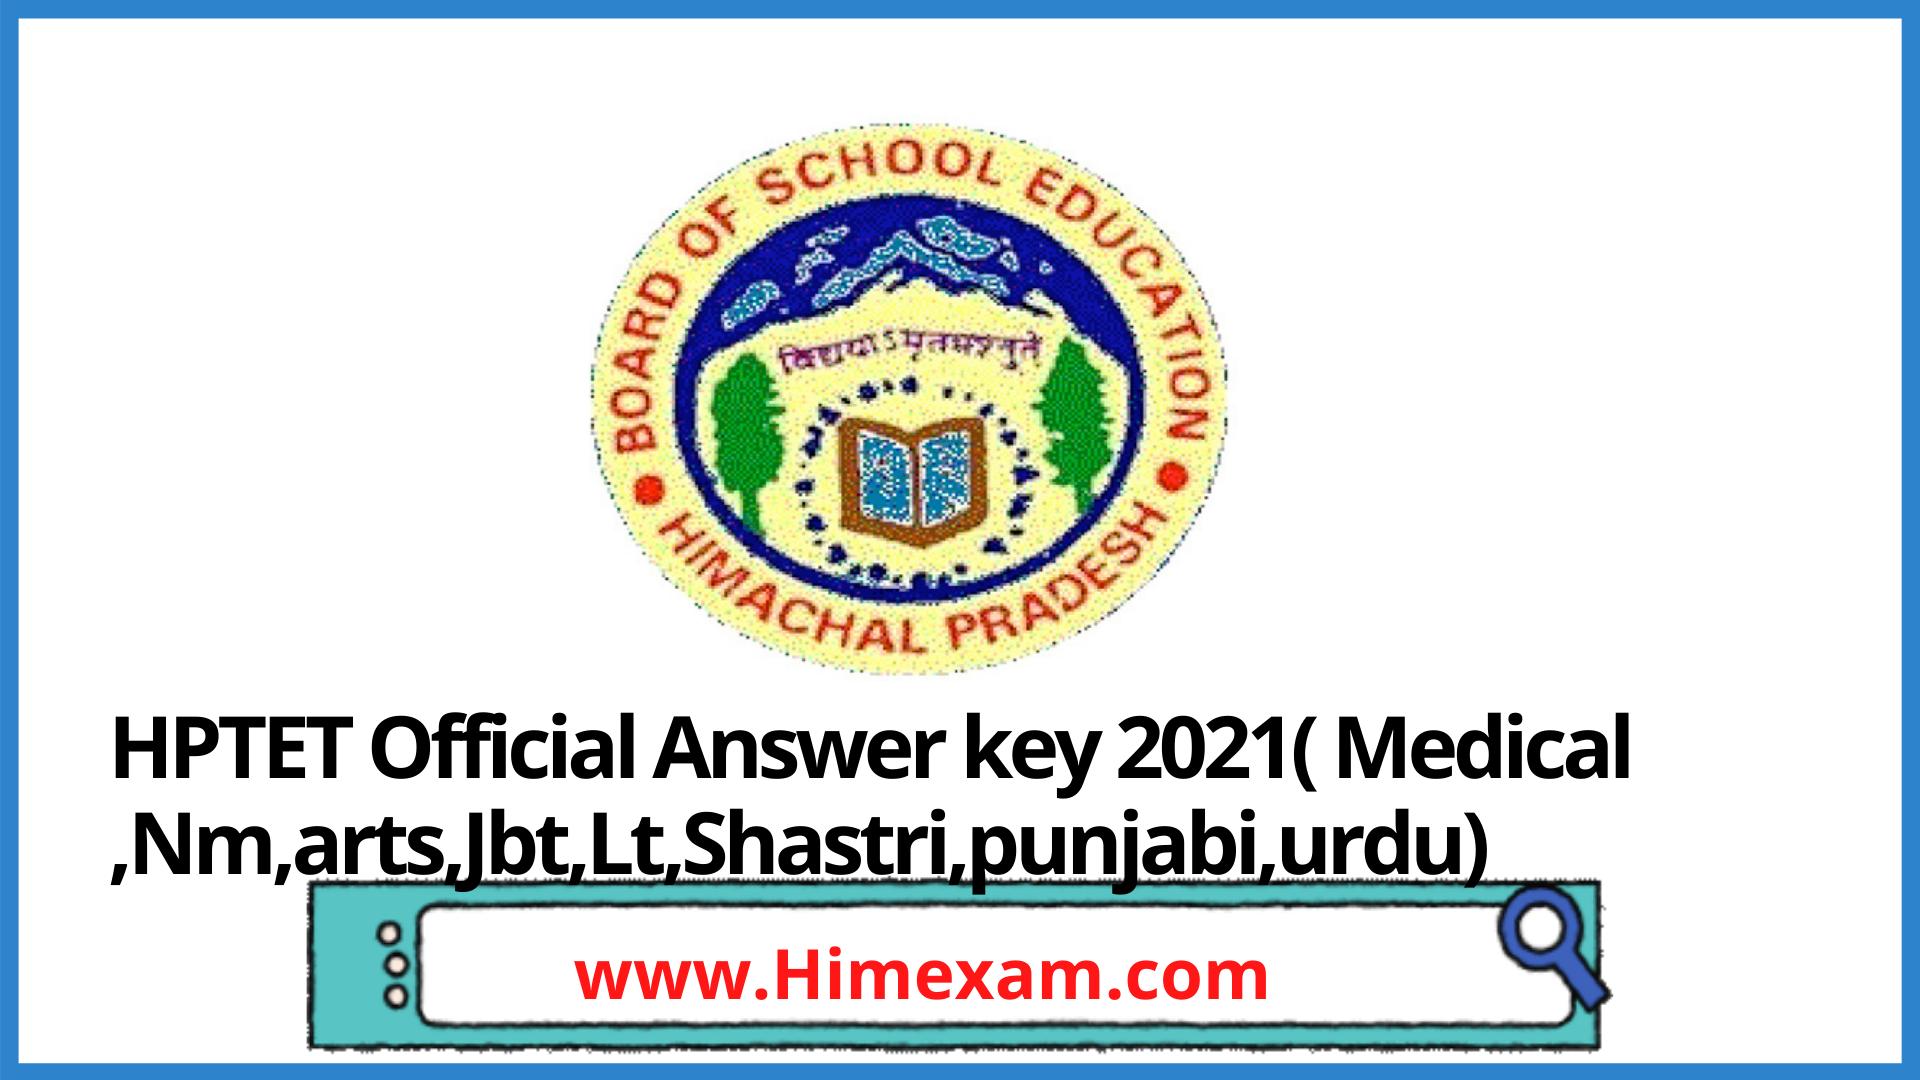 HPTET Official Answer key 2021( Medical ,Nm,arts,Jbt,Lt,Shastri,punjabi,urdu)